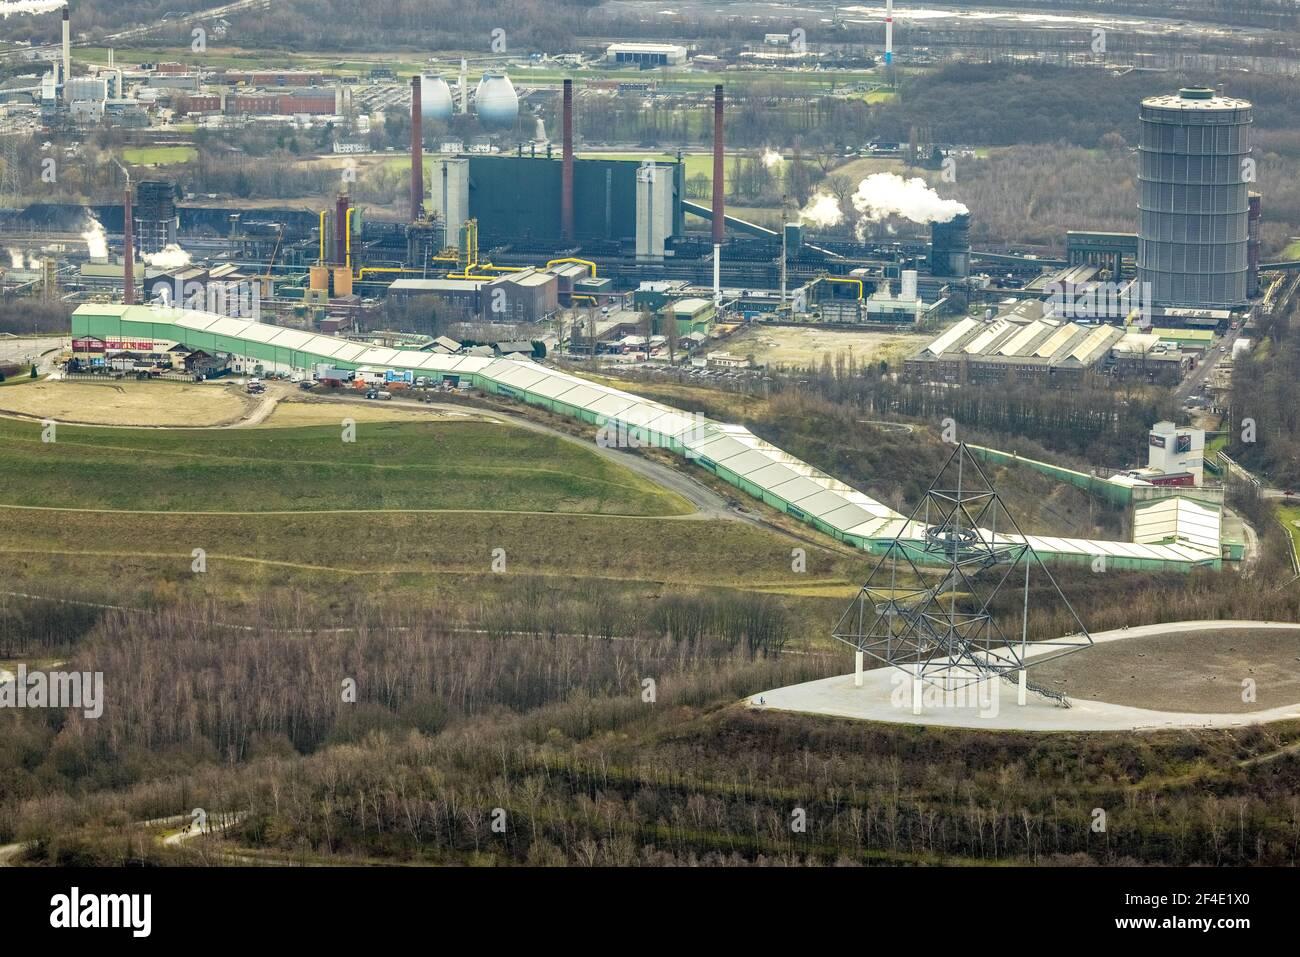 Luftaufnahme, Alpincenter Bottrop, Prosperstraße slagheap, ArcelorMittal Bottrop, Bottrop, Ruhrgebiet, Nordrhein-Westfalen, Deutschland, Slagheapen, DE, Eu Stockfoto